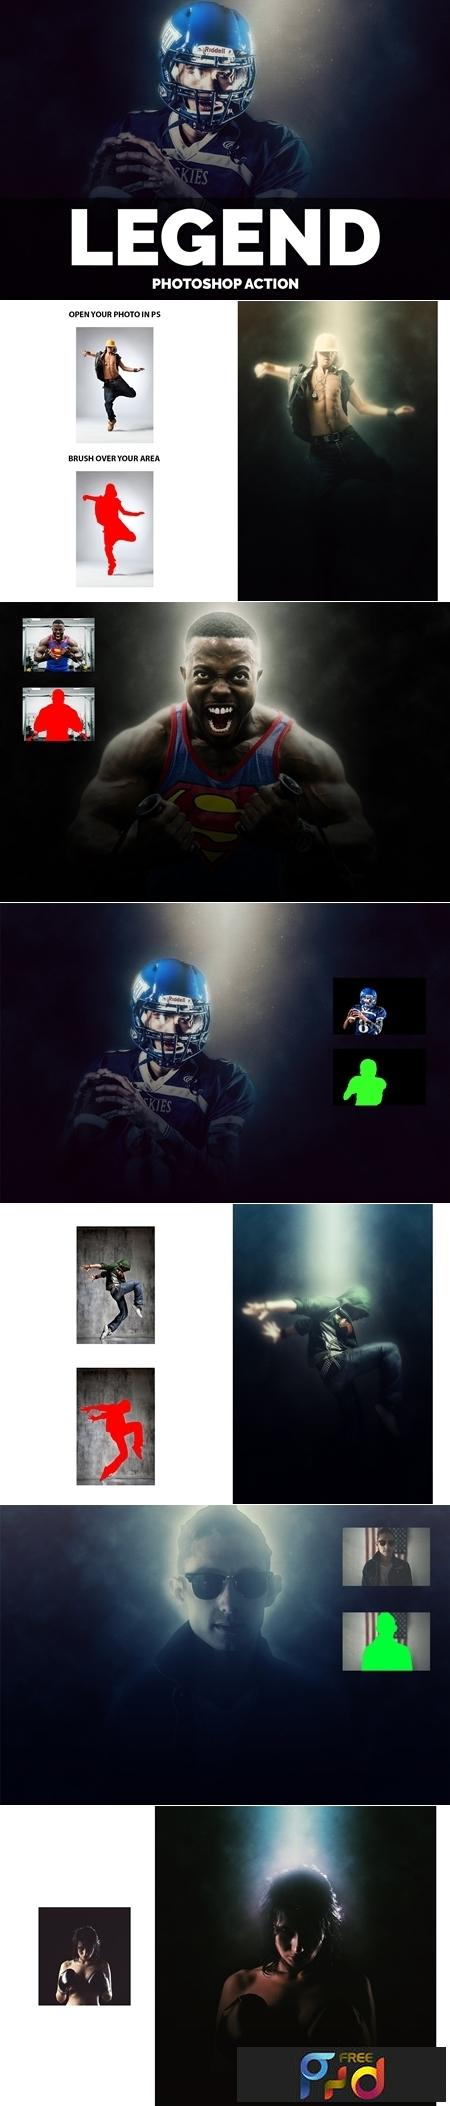 Legend Photoshop Action 3702065 1